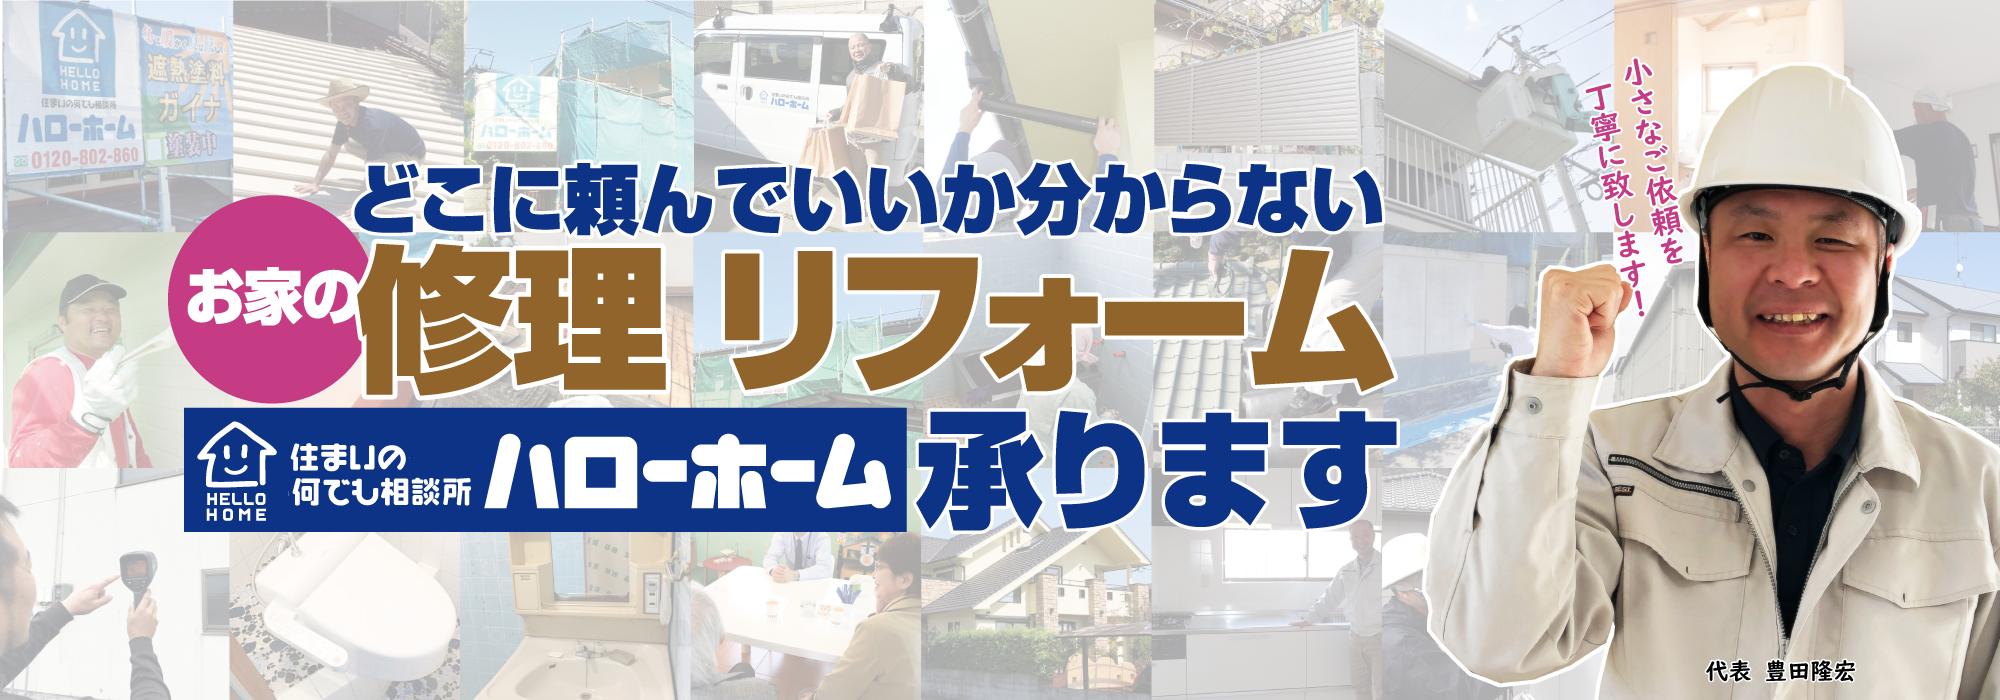 福山市のリフォーム会社 小さな修理も喜んでお受けしますハローホーム